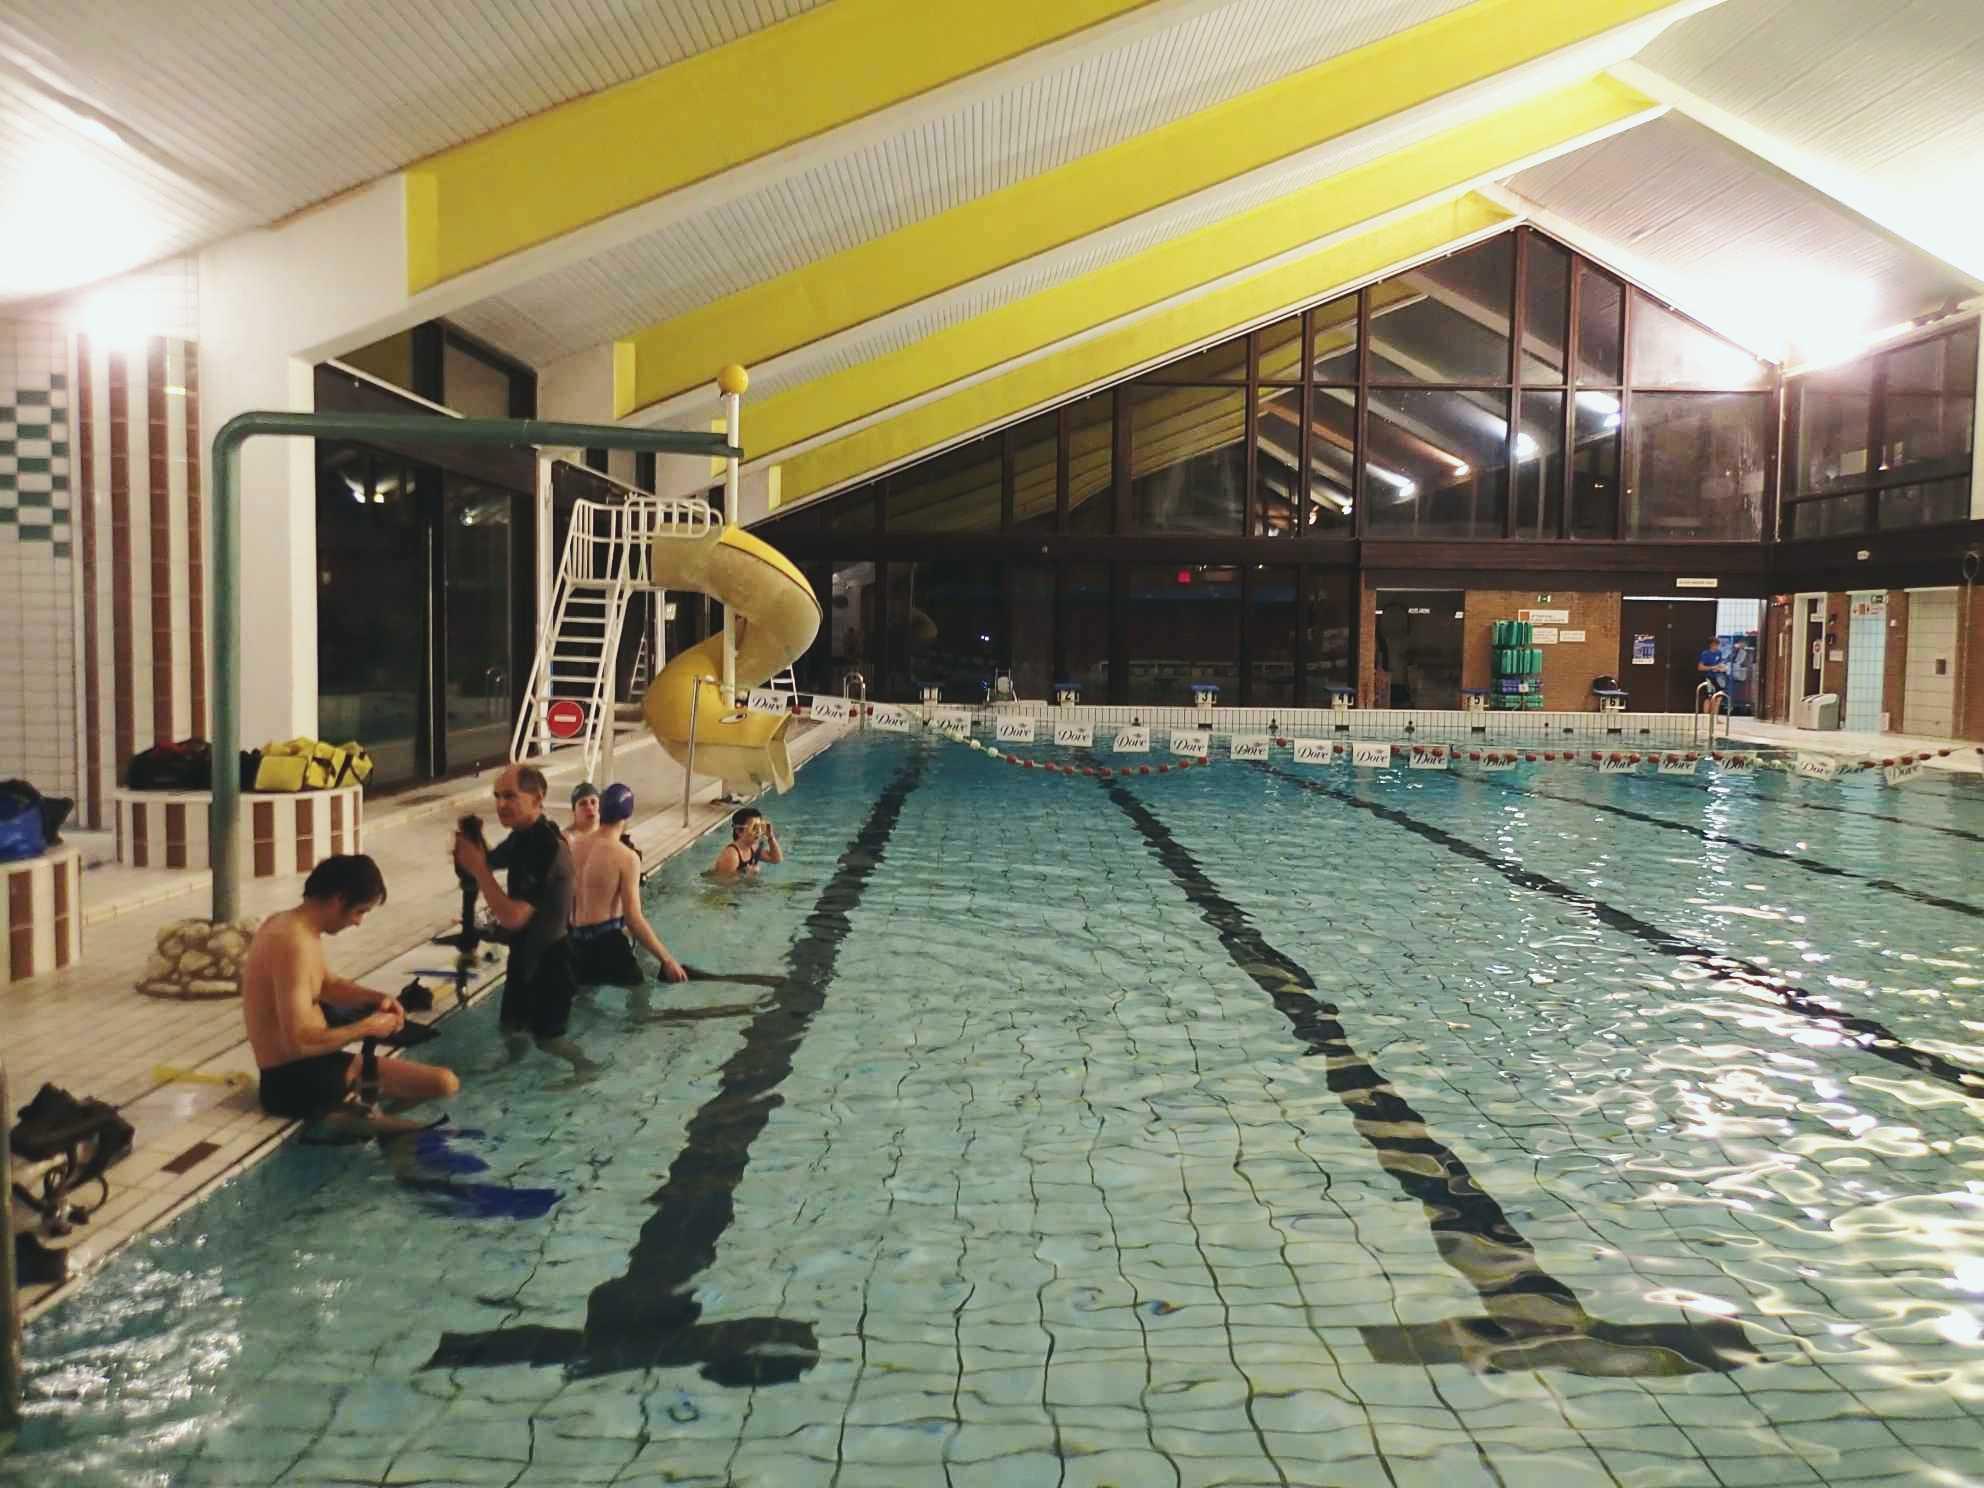 Groupe belge de recherche scientifique sous marine for Basse goulaine piscine